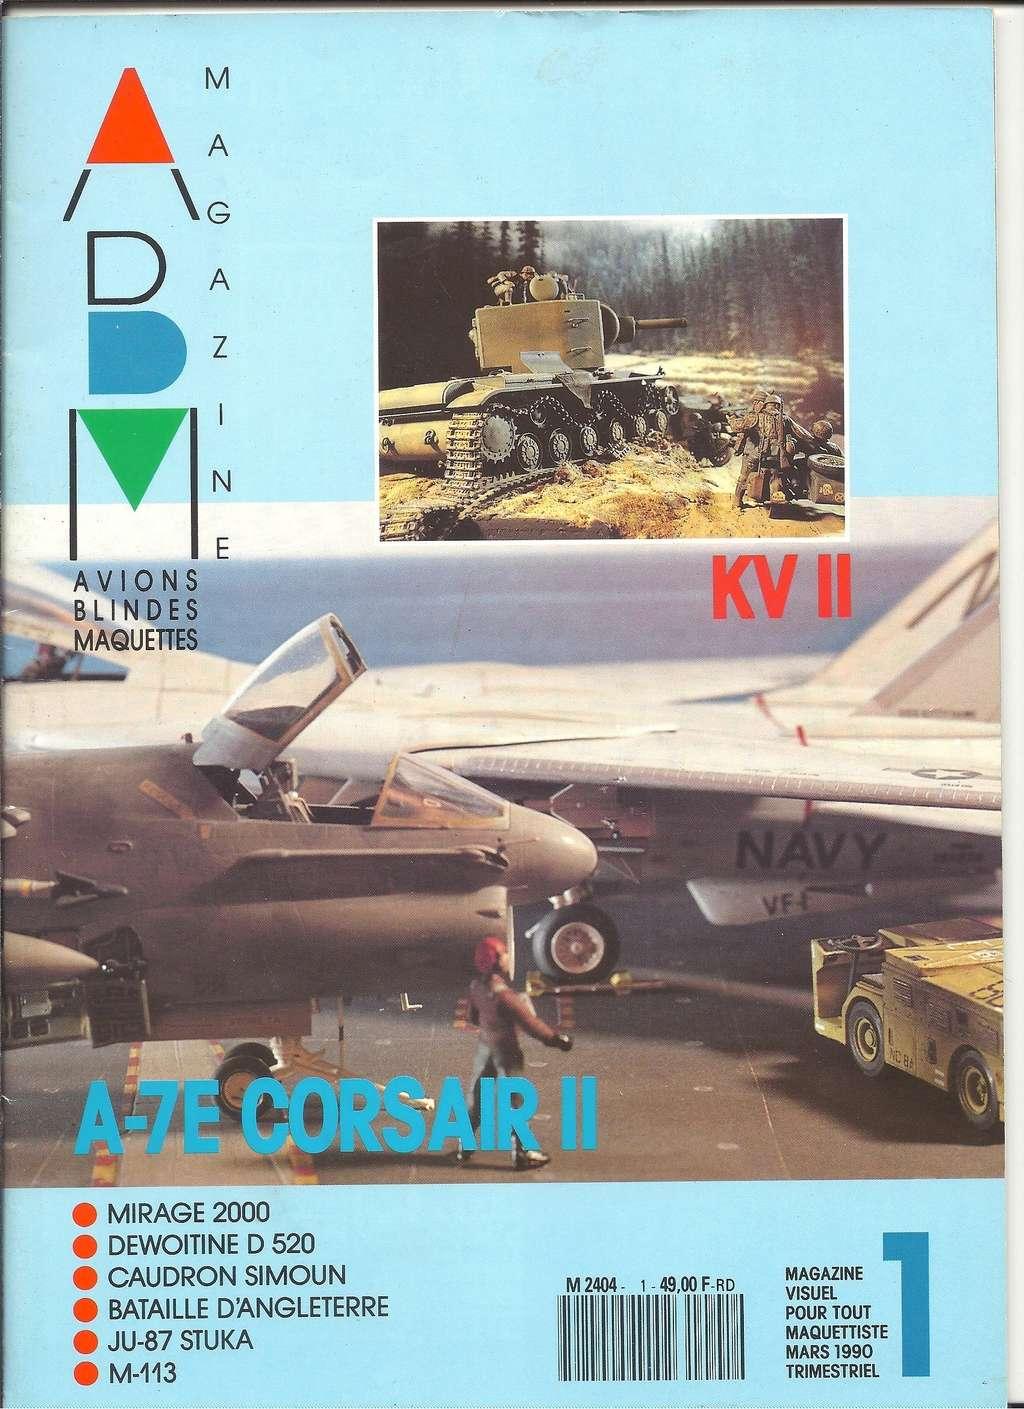 Comparatif DASSAULT MIRAGE 2000 C & N HELLER / ITALERI 1/72ème  Revue166